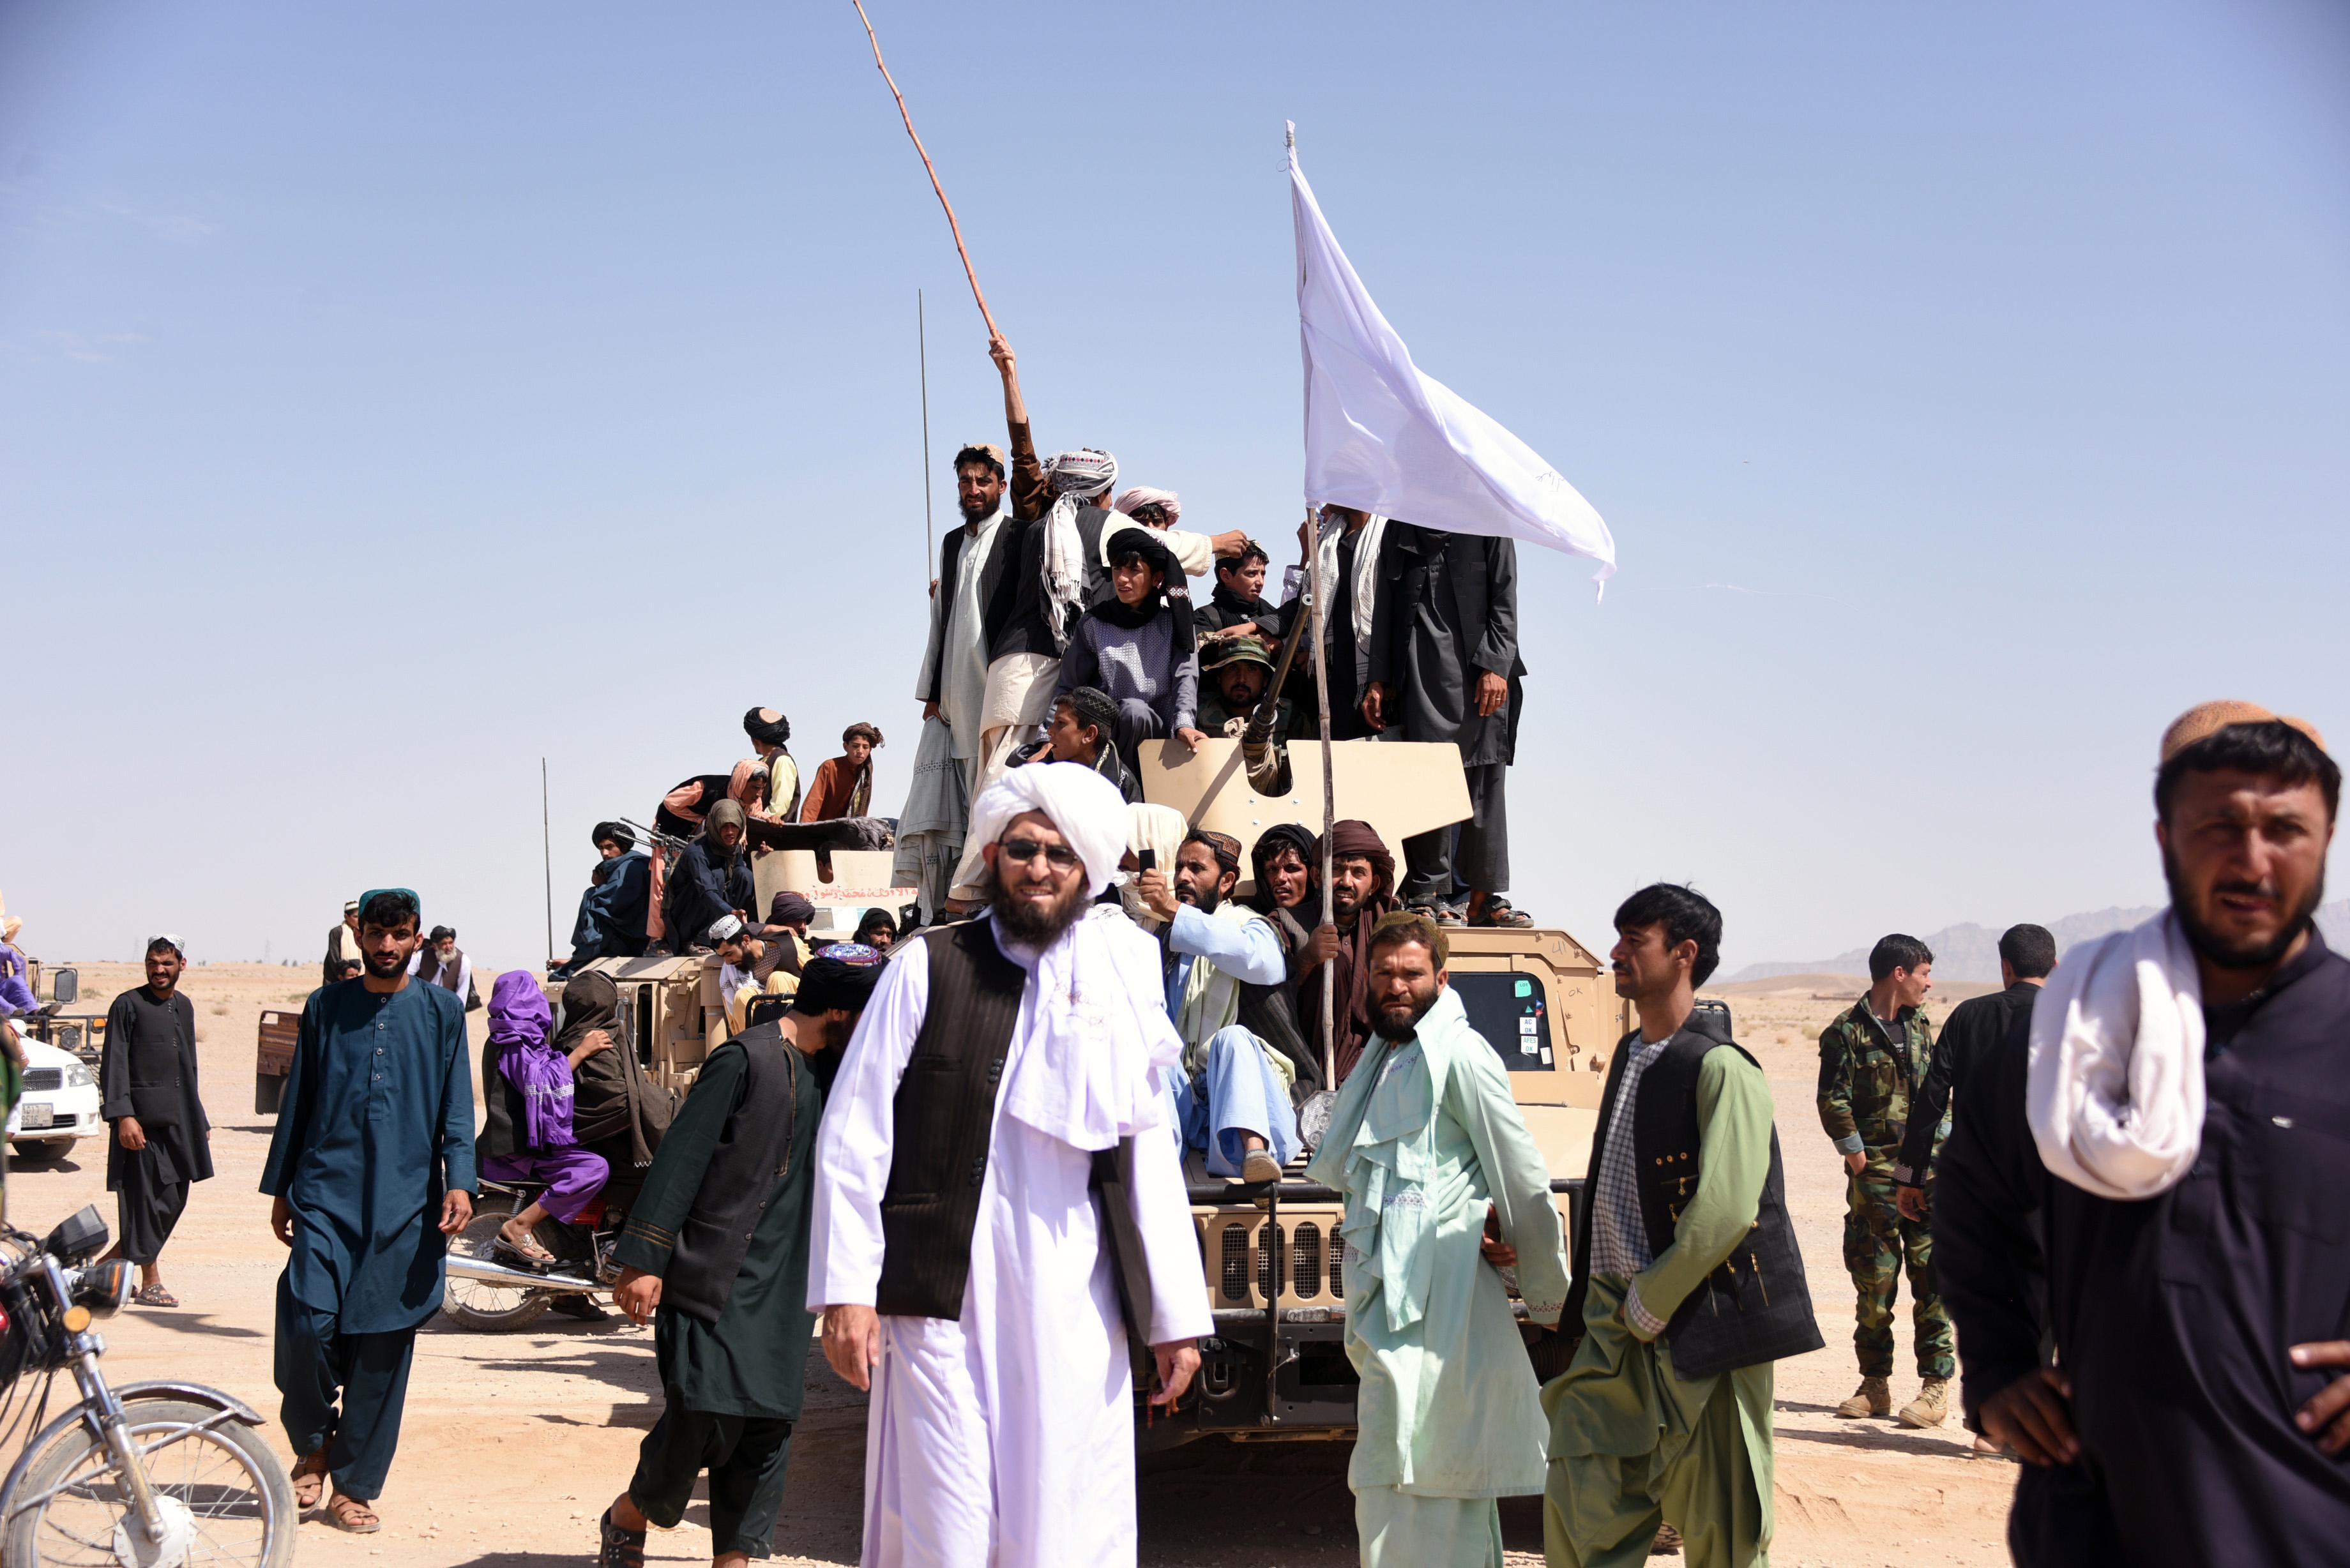 در عکس ها: افغان ها عید فطر را با شادی و امید به آینده جشن گرفتند